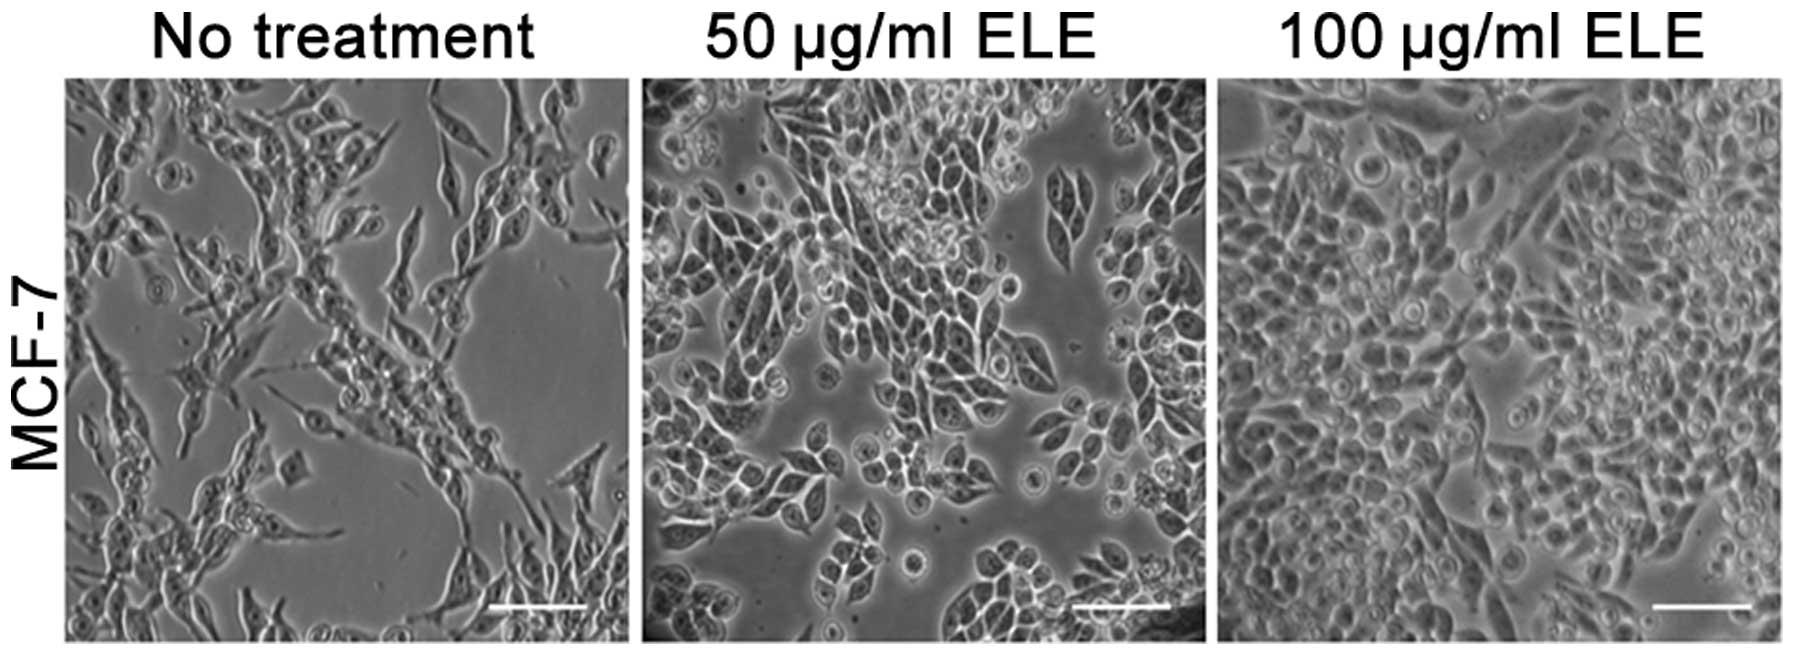 β-elemene decreases cell invas...